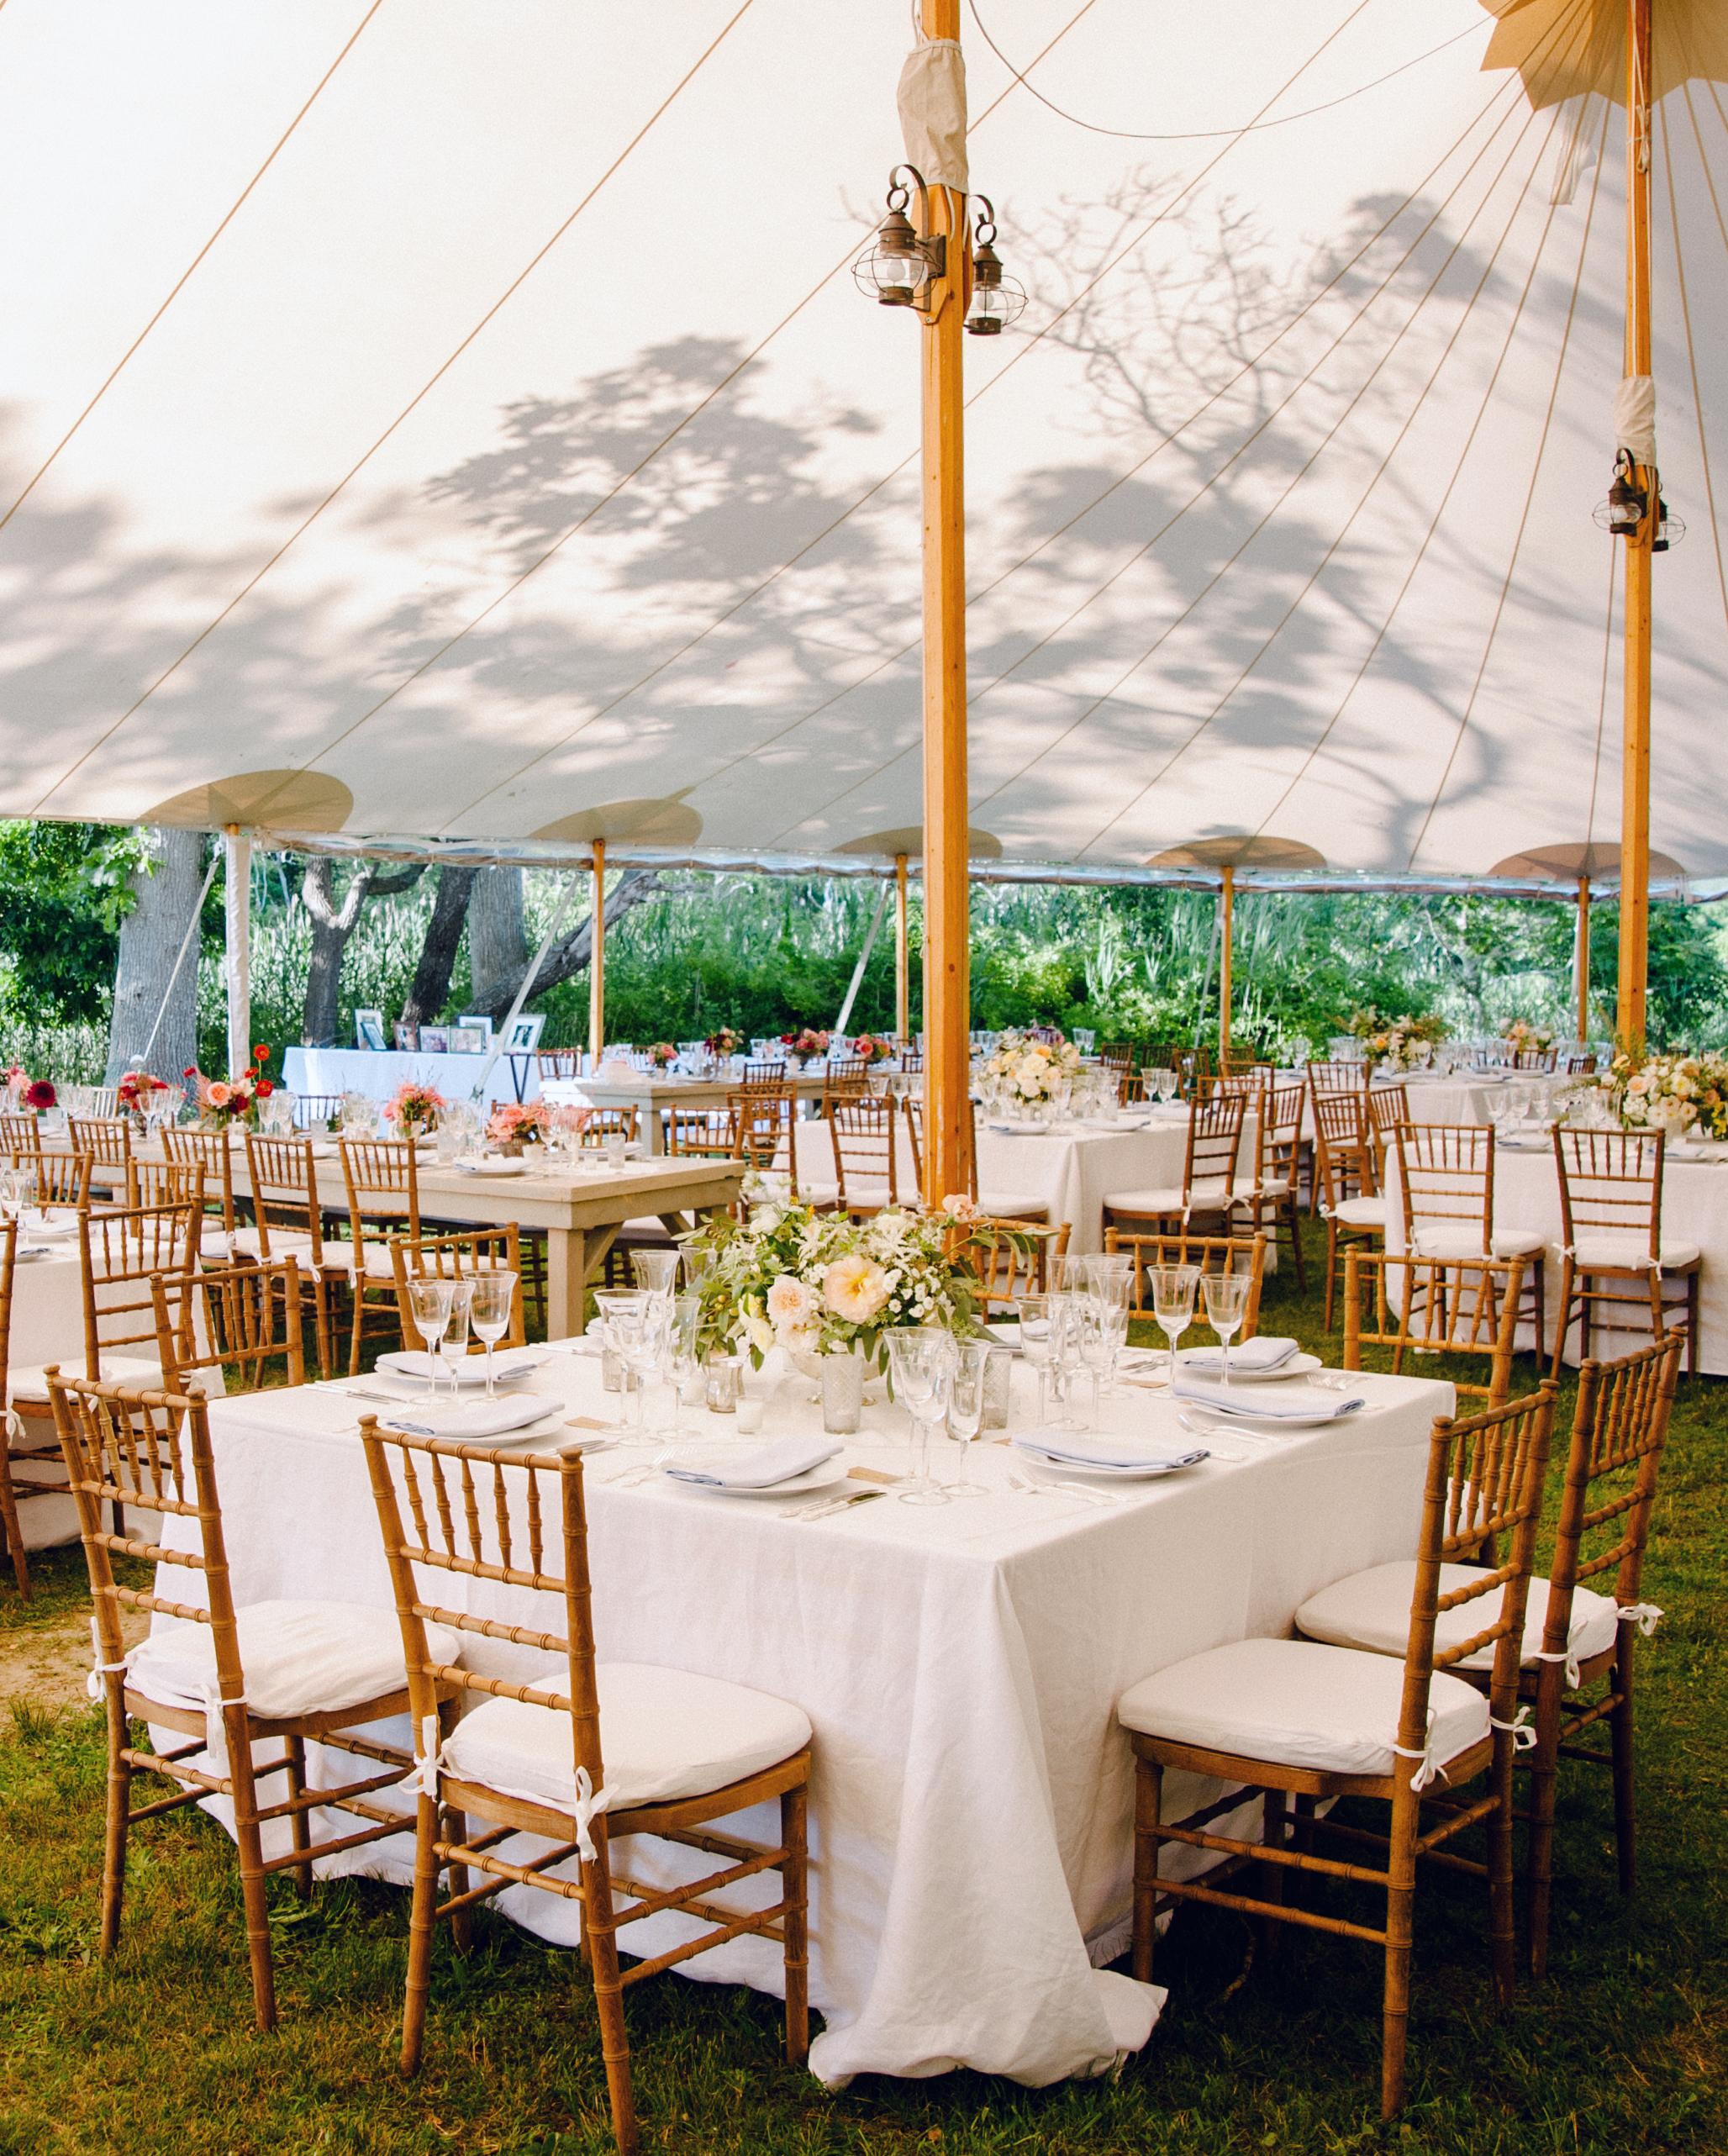 rachel-andrew-wedding-reception-108-s112195-0915.jpg